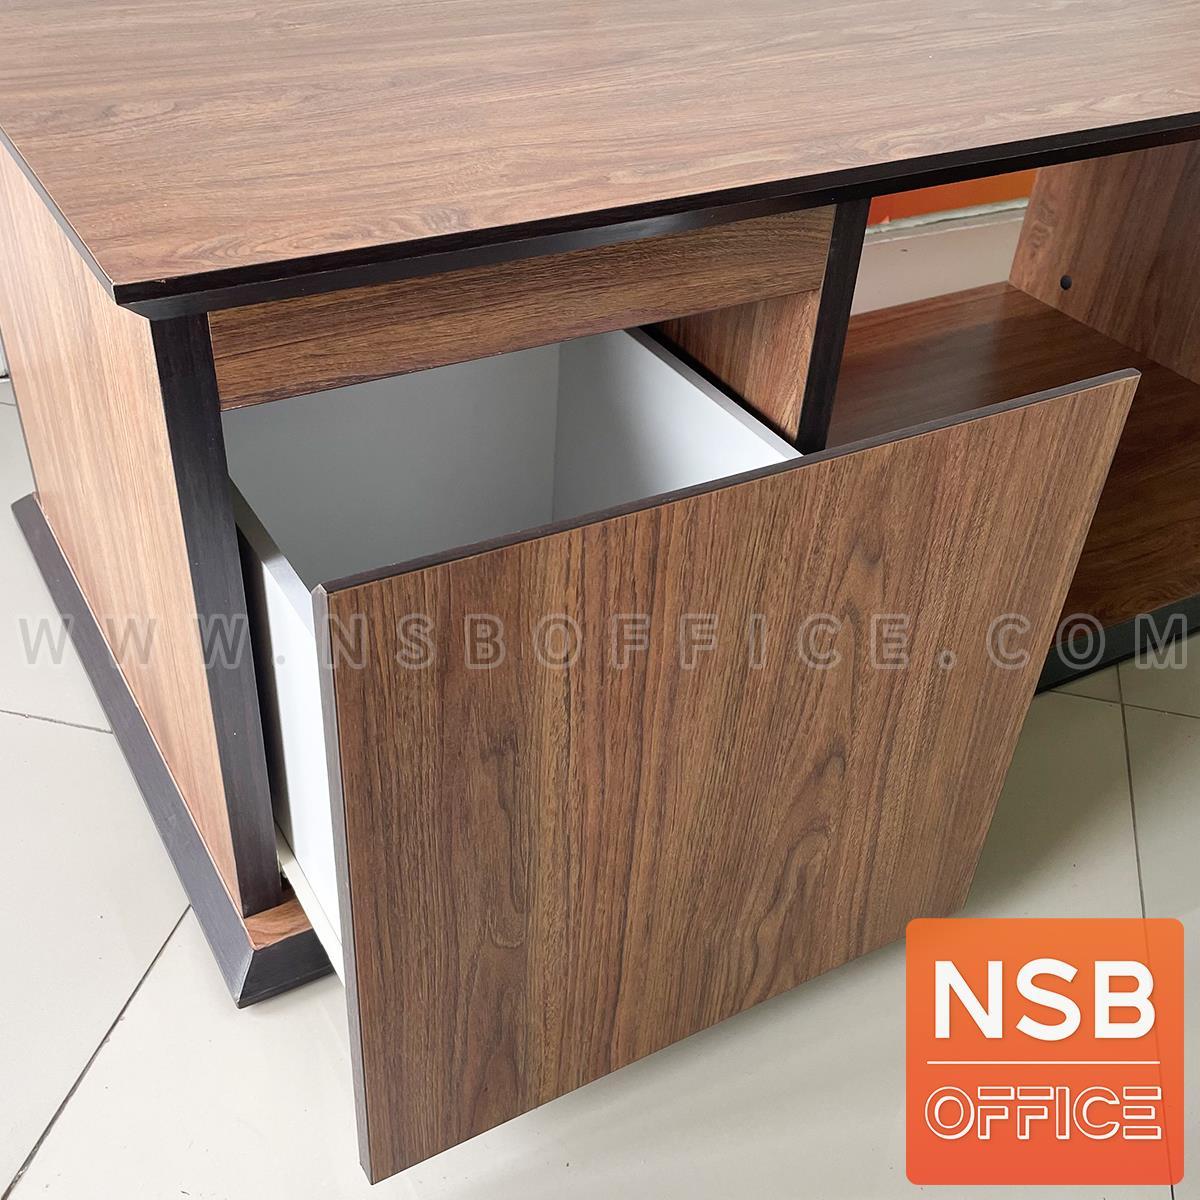 โต๊ะกลางไม้ รุ่น Sandvick (แซนวิค) ขนาด 120W*60D cm. มีลิ้นชัก